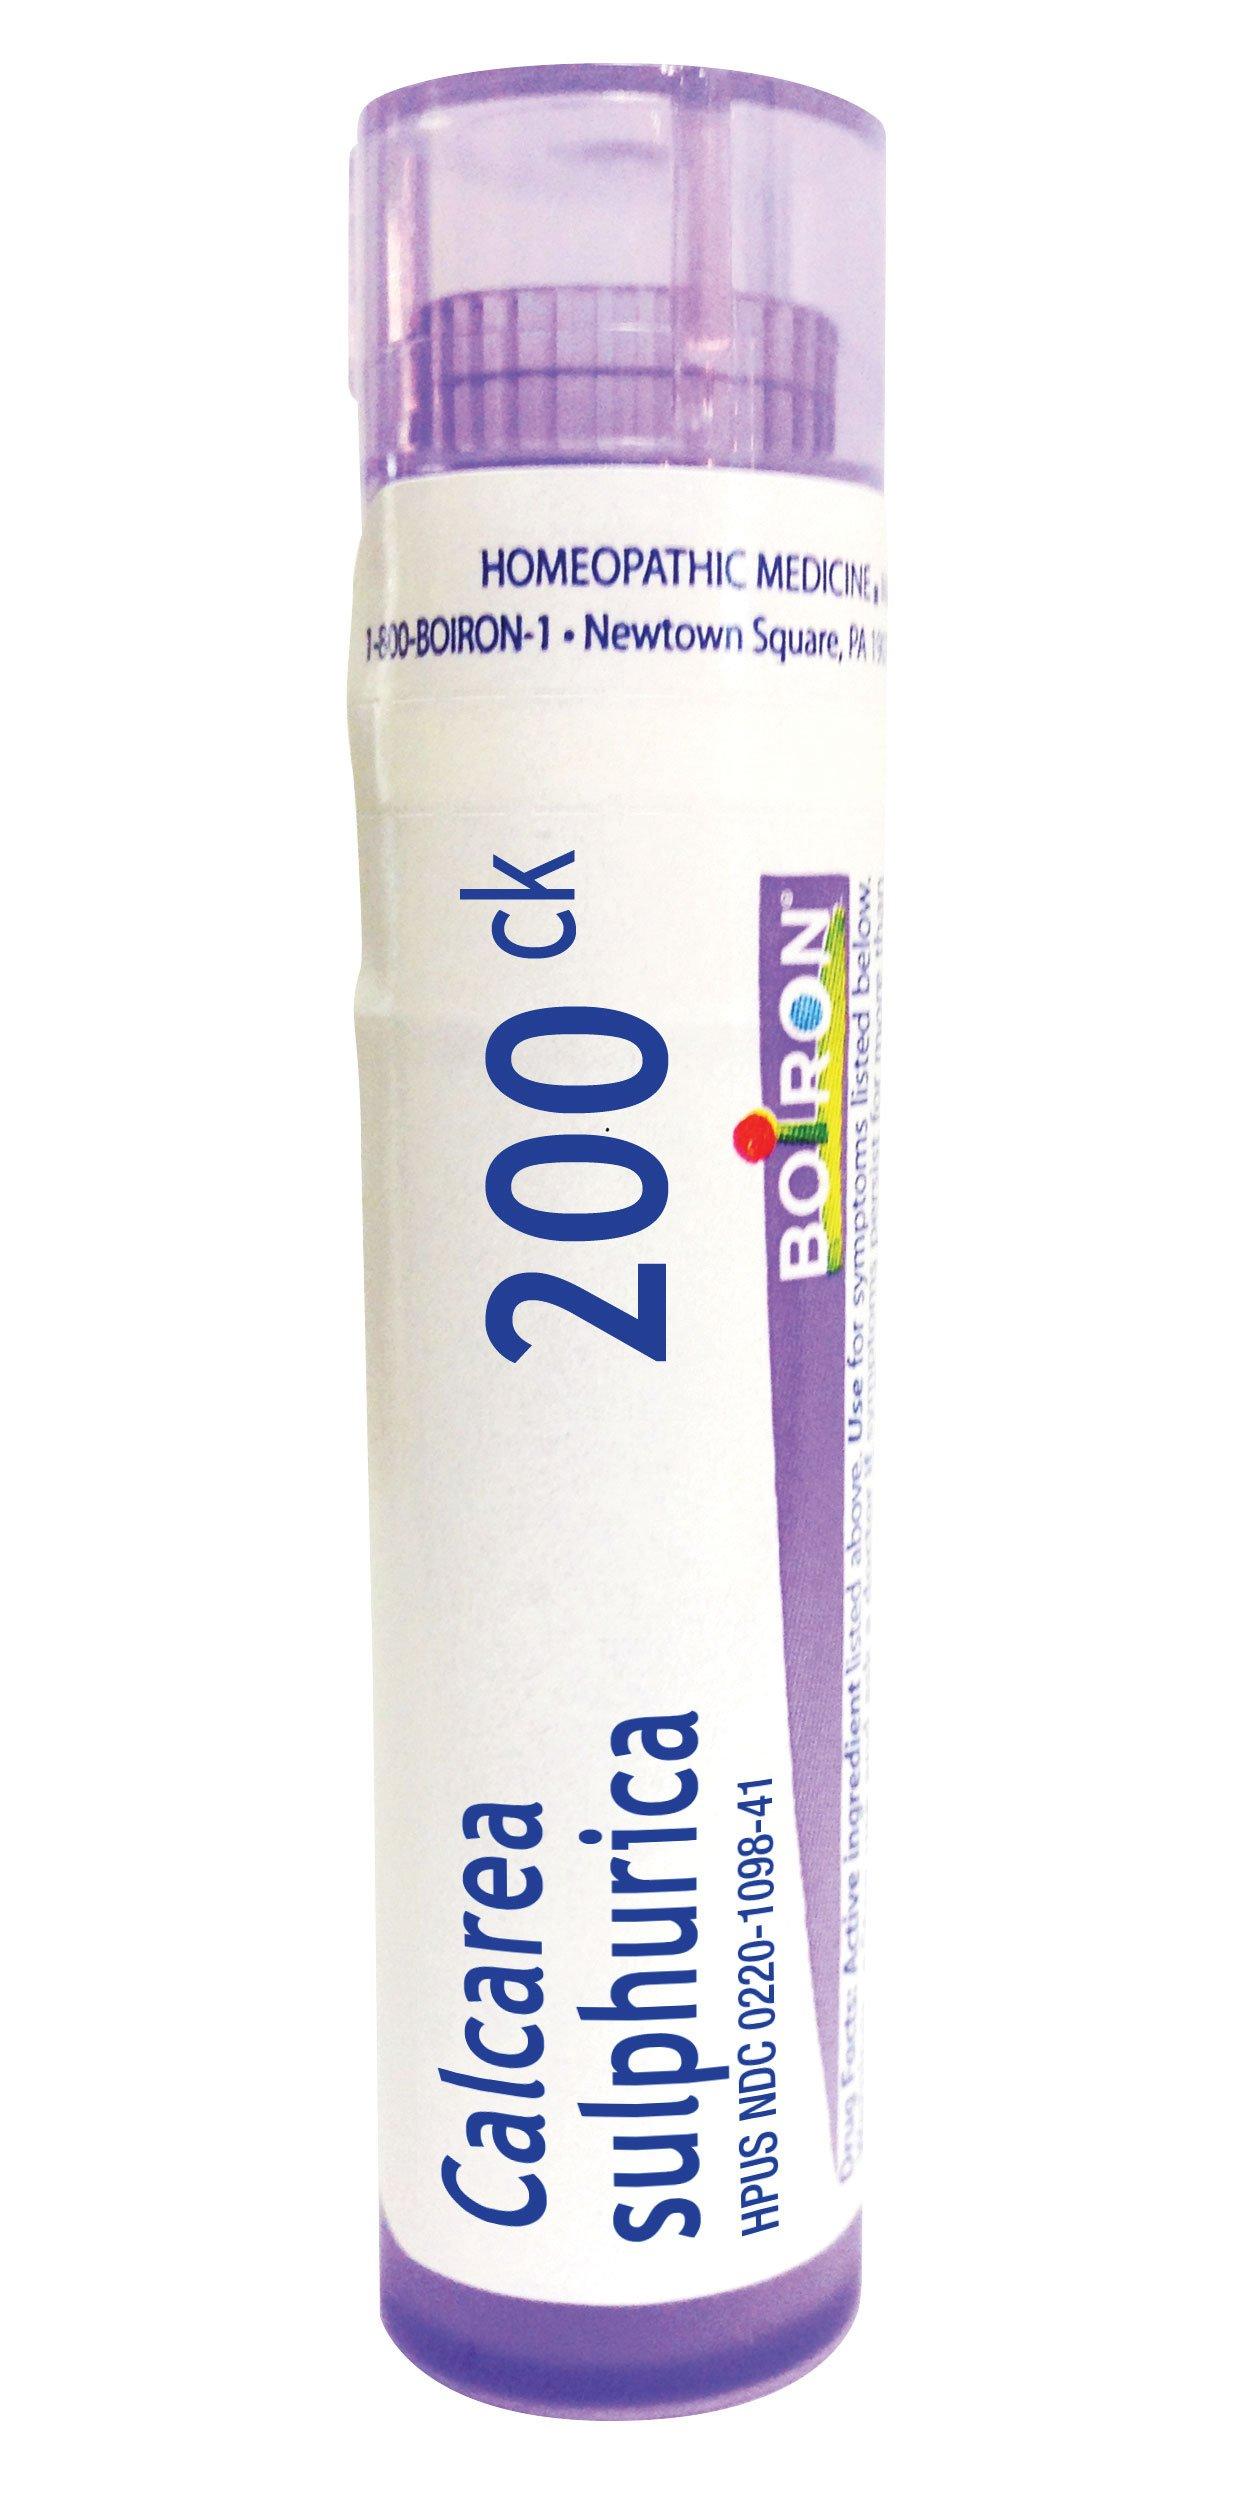 Boiron Calcarea Sulphurica 200ck, Homeopathic Medicine for Acne